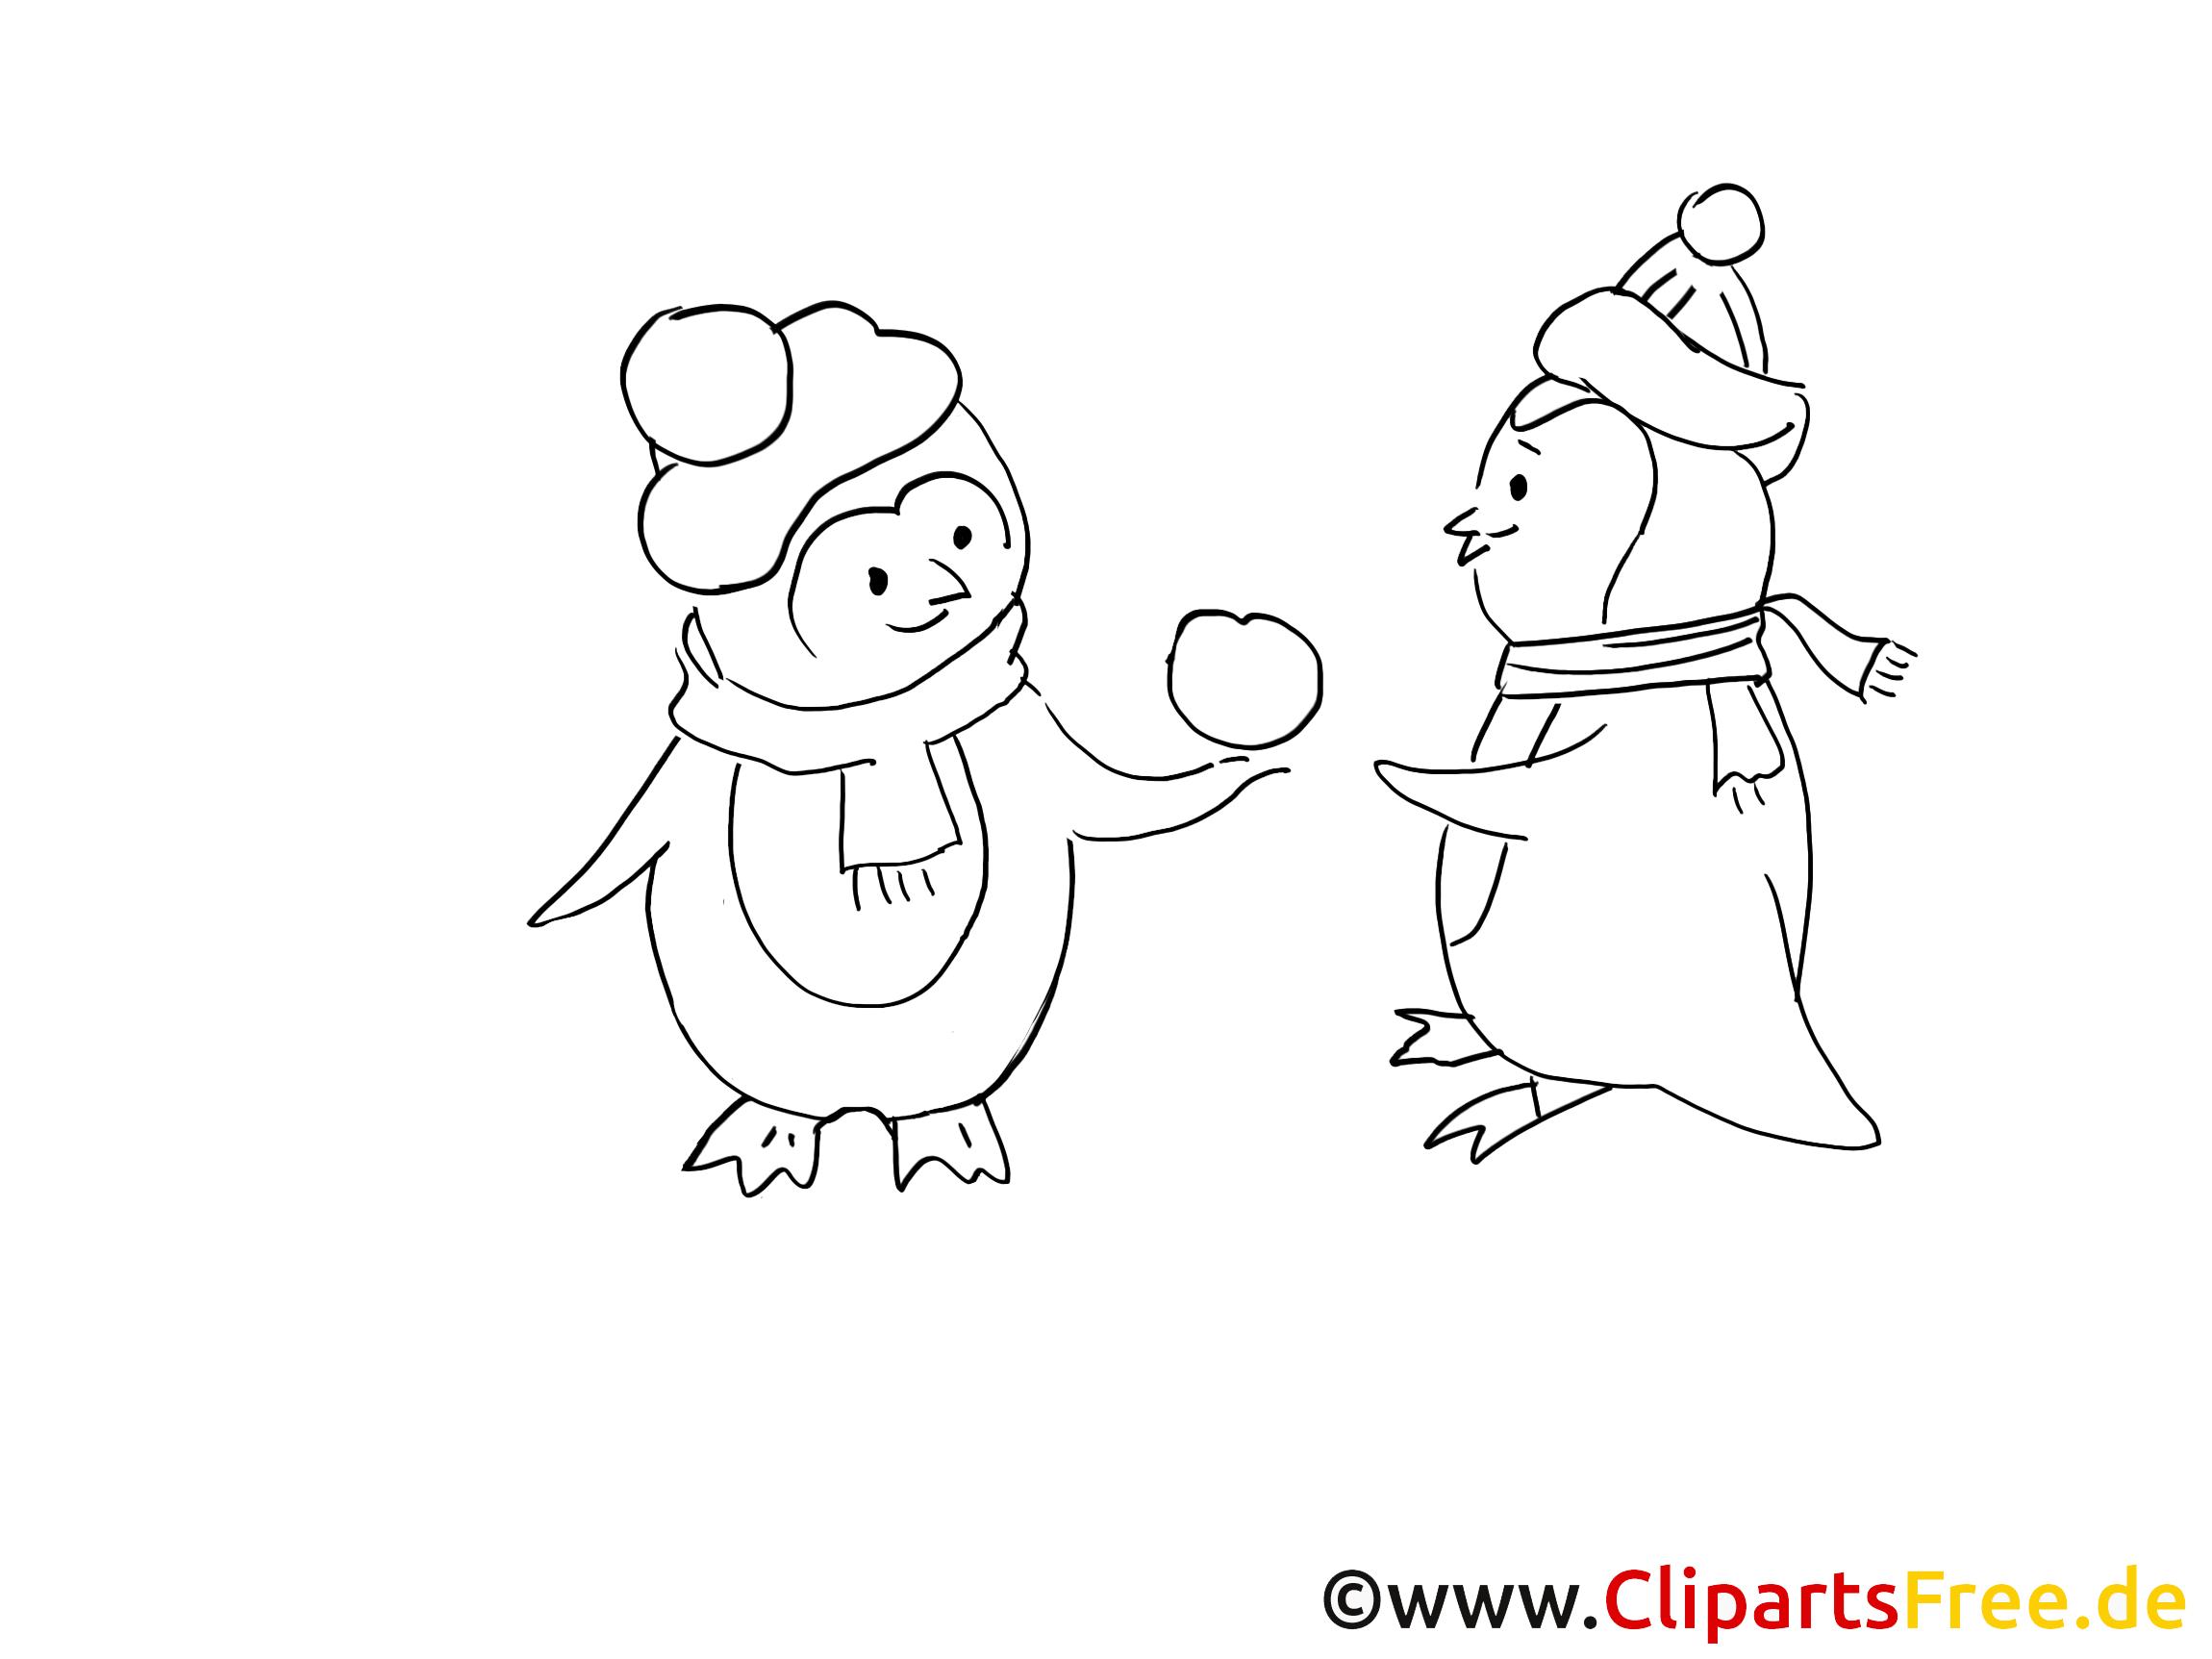 Weihnachtsmotive Schwarz Weiß Ausdrucken.Schwarz Weiss Grafiken Neujahr Winter Silvester Weihnachten